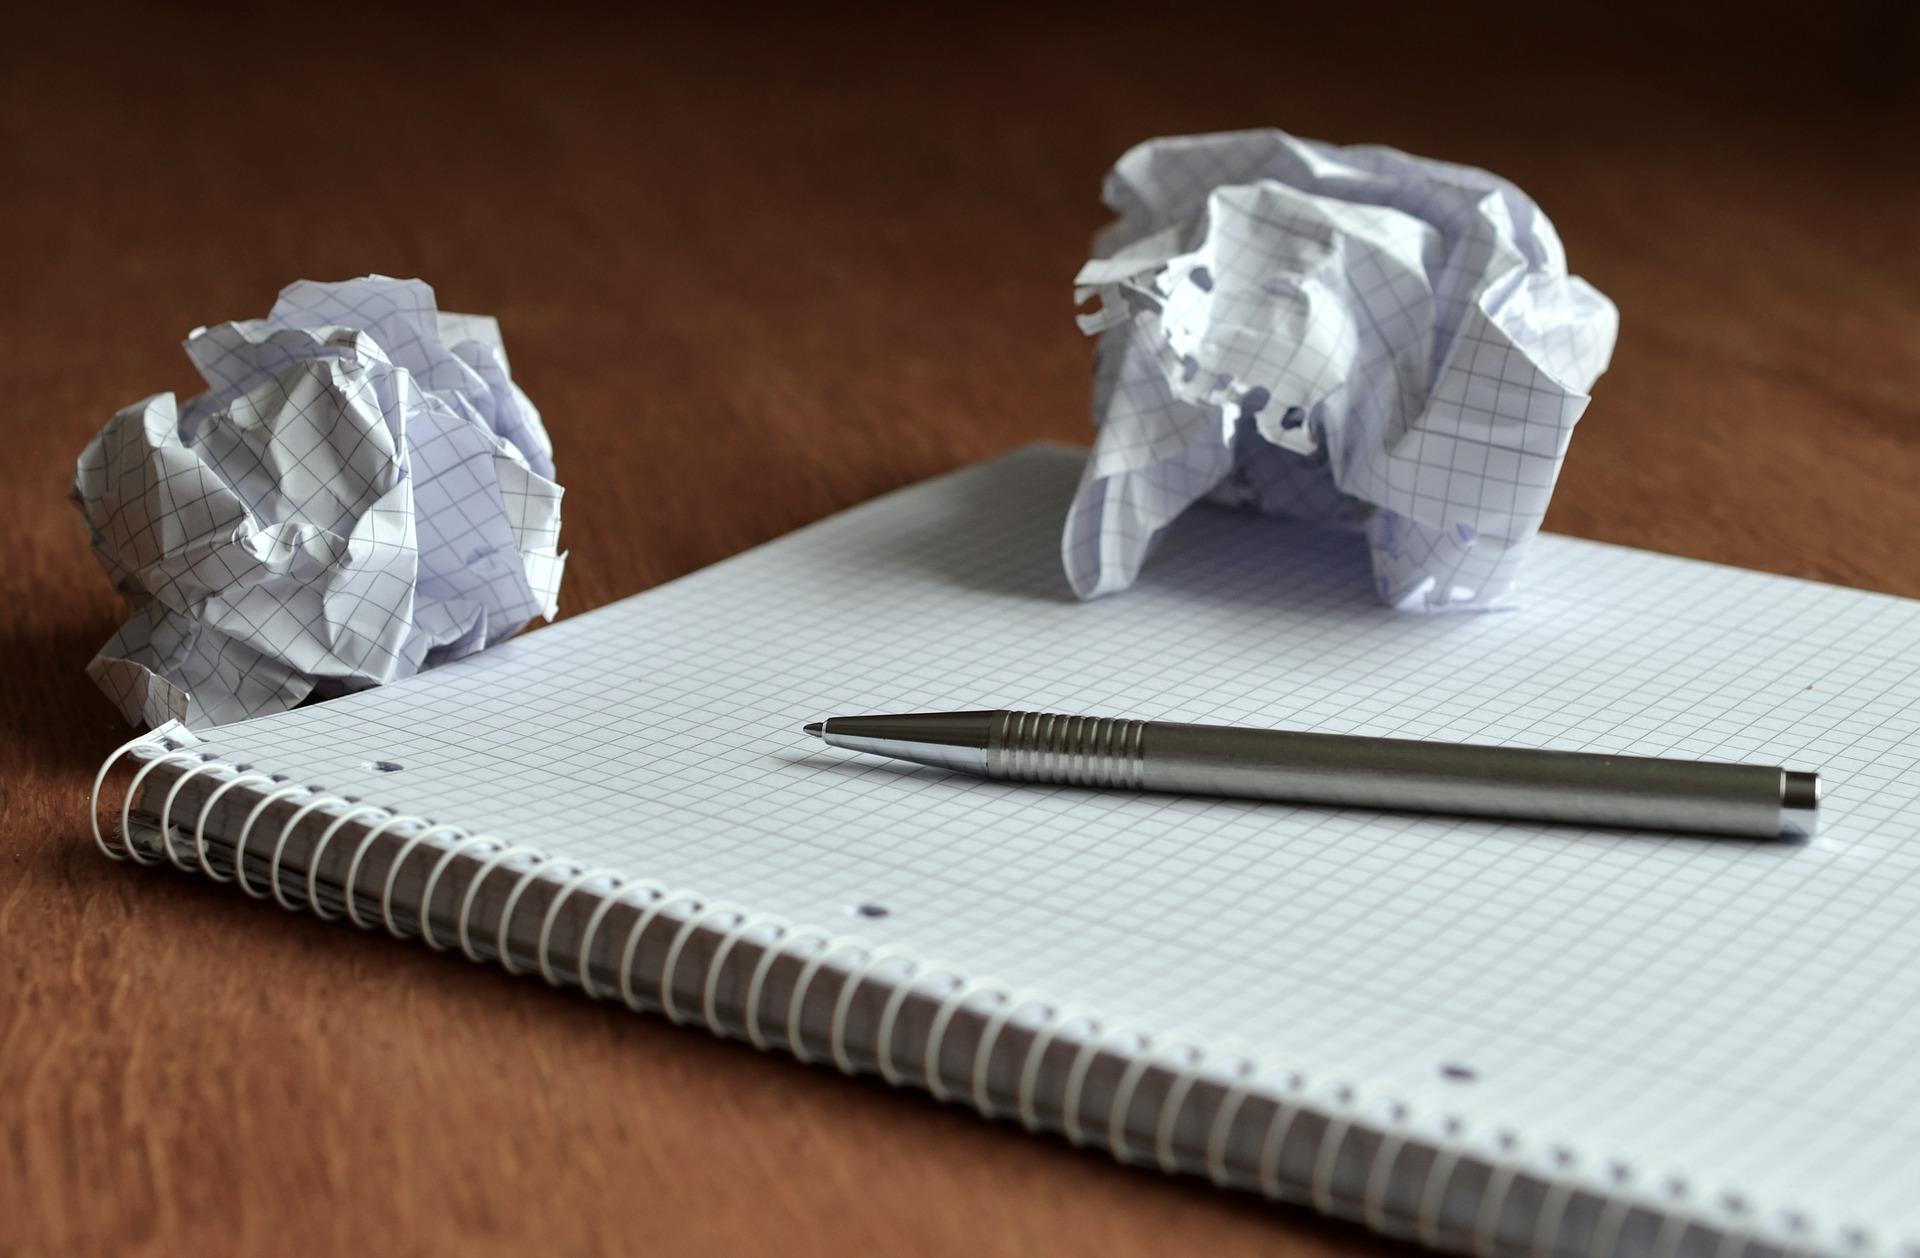 hareket planı yapmak stratejik planlamanın önemli bir aşaması